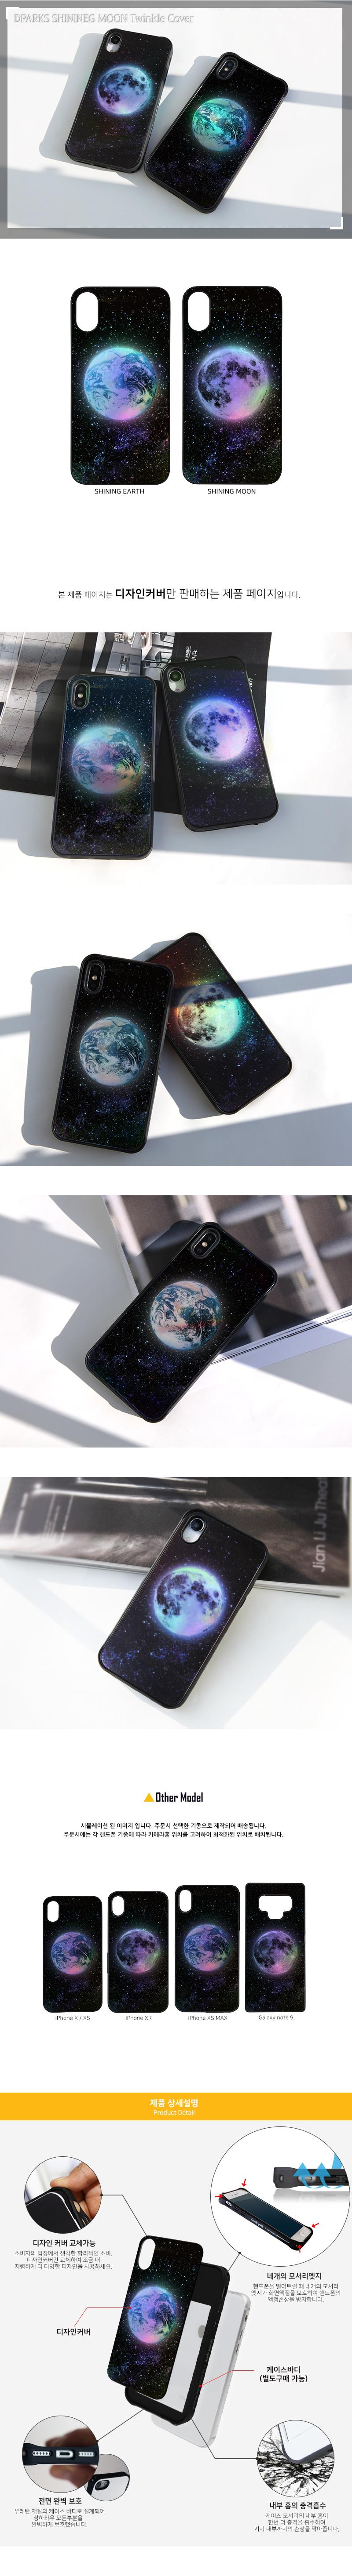 SHINING MOON - 스피릿케이스 트윙클커버 + 바디세트 - 애즈포러스, 30,000원, 케이스, 아이폰 11 Pro